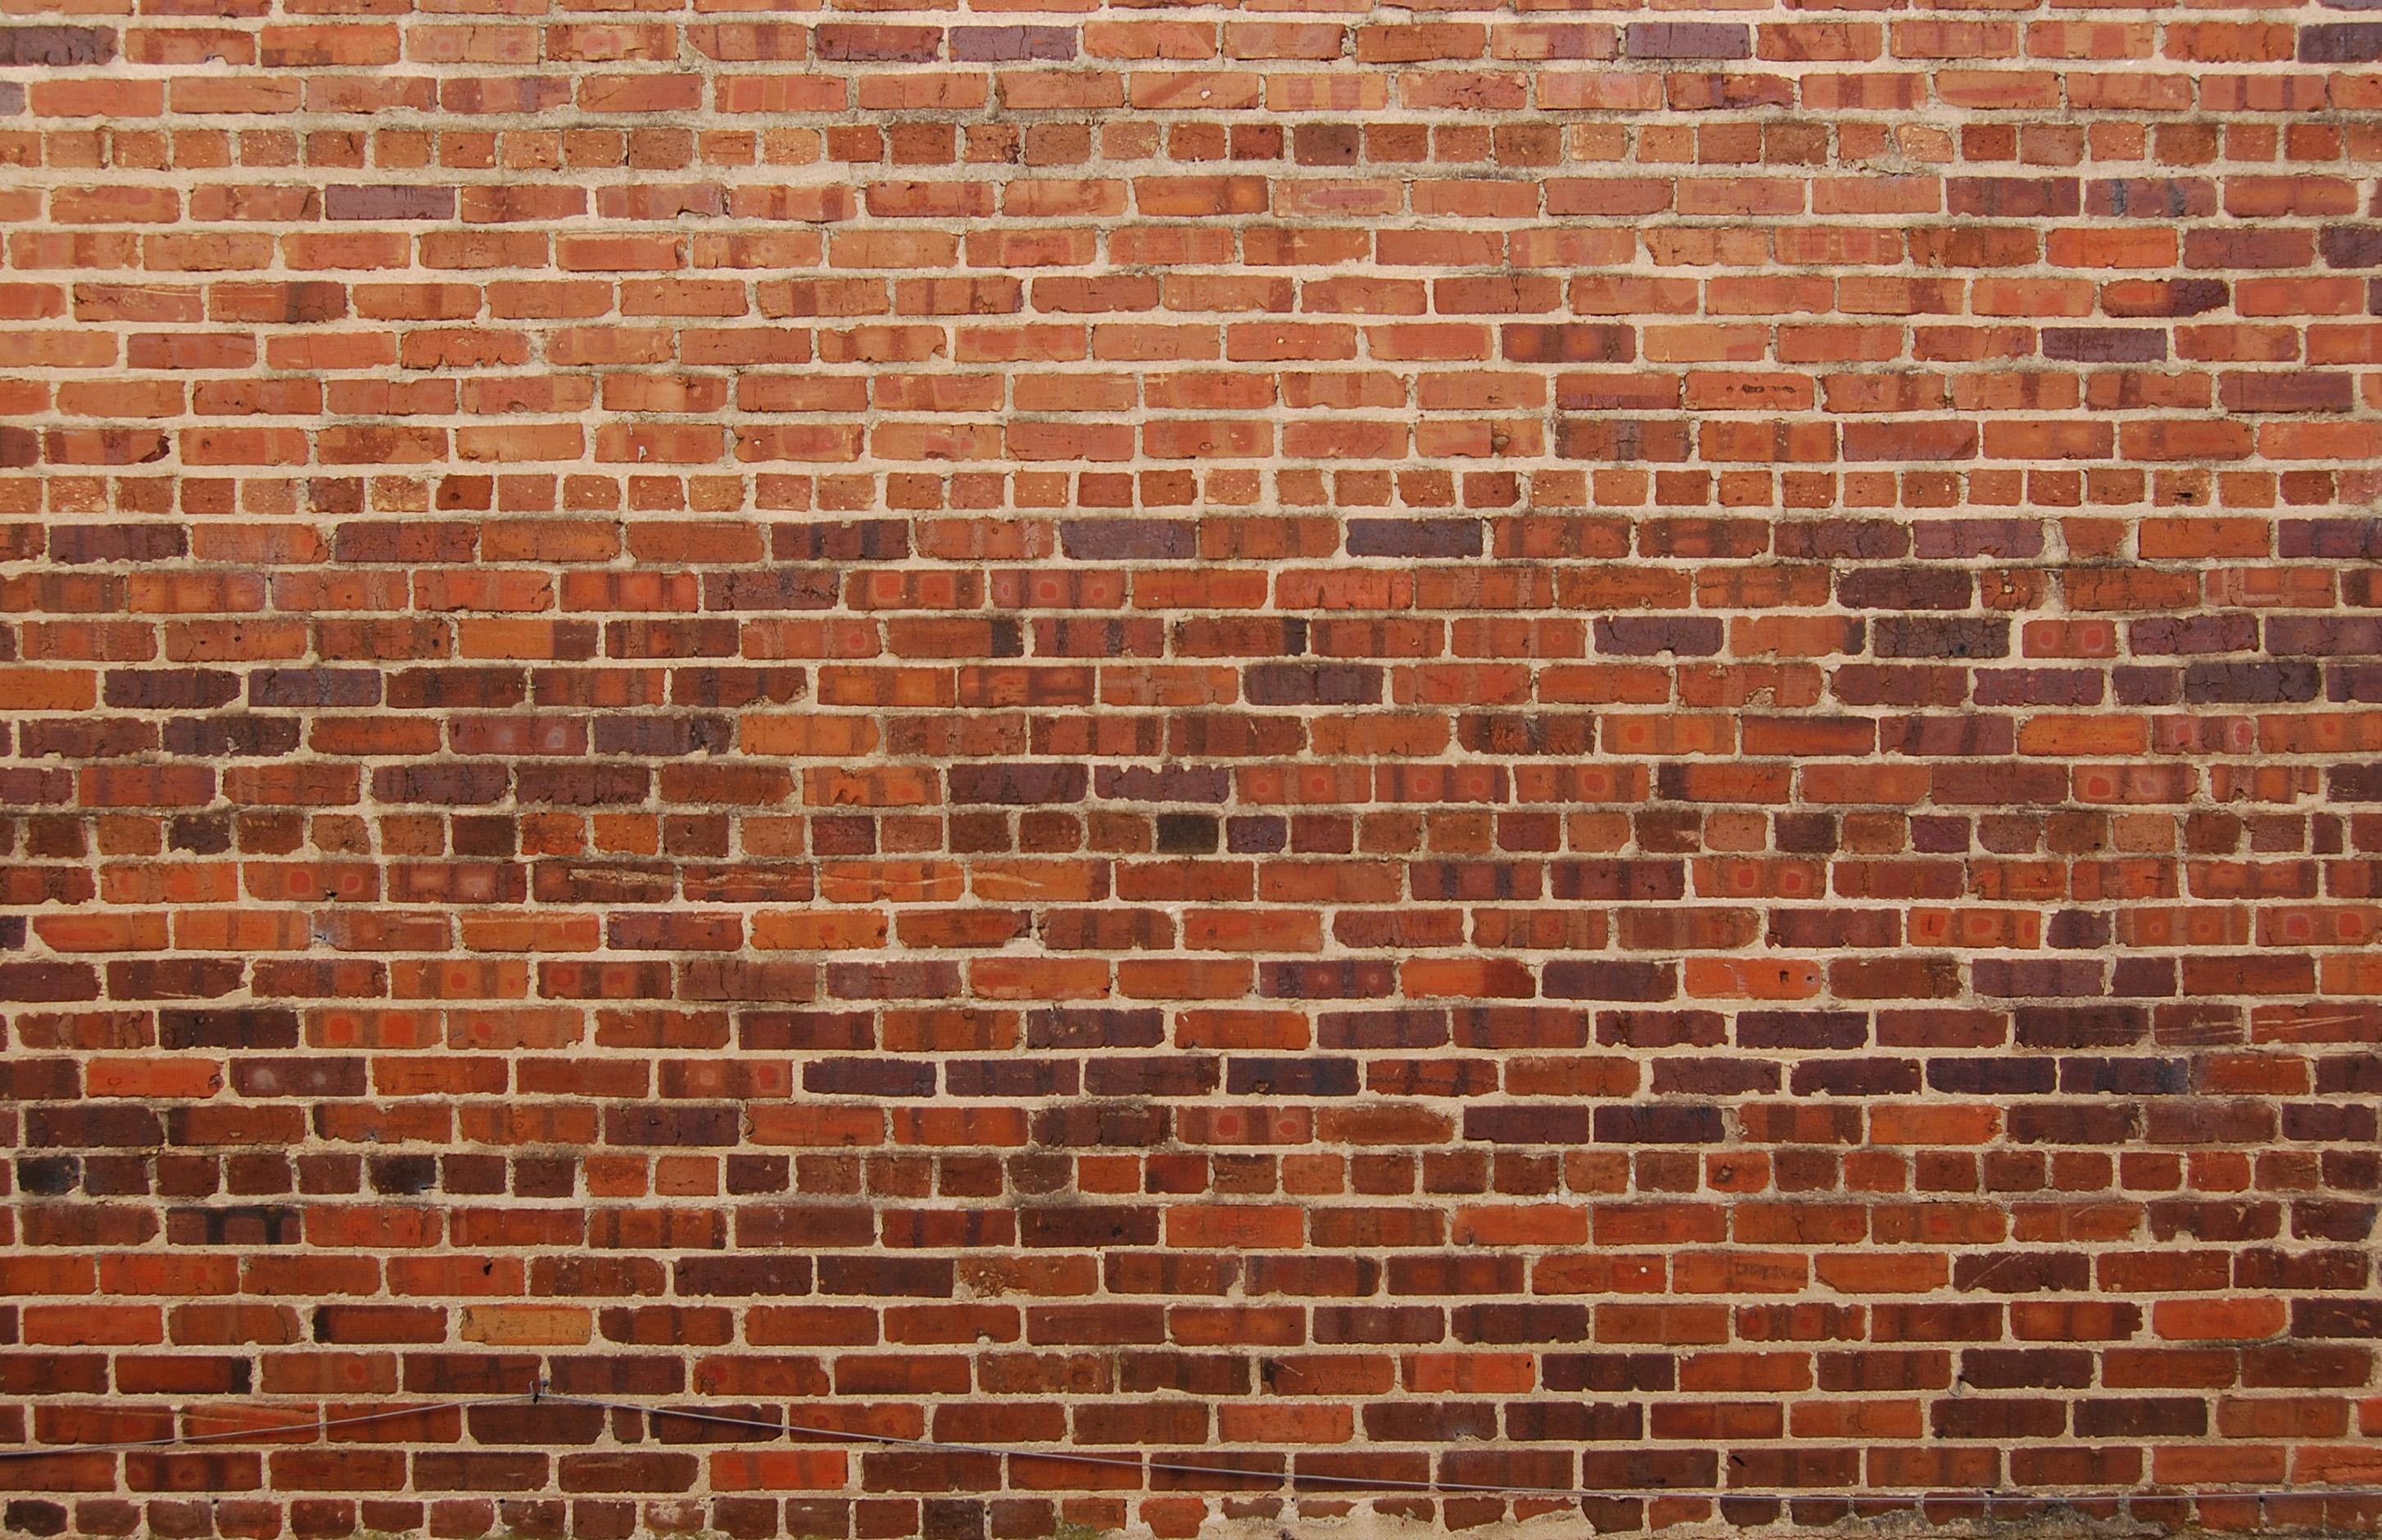 2908x1880px 1756.69 KB Brick Wall #347820